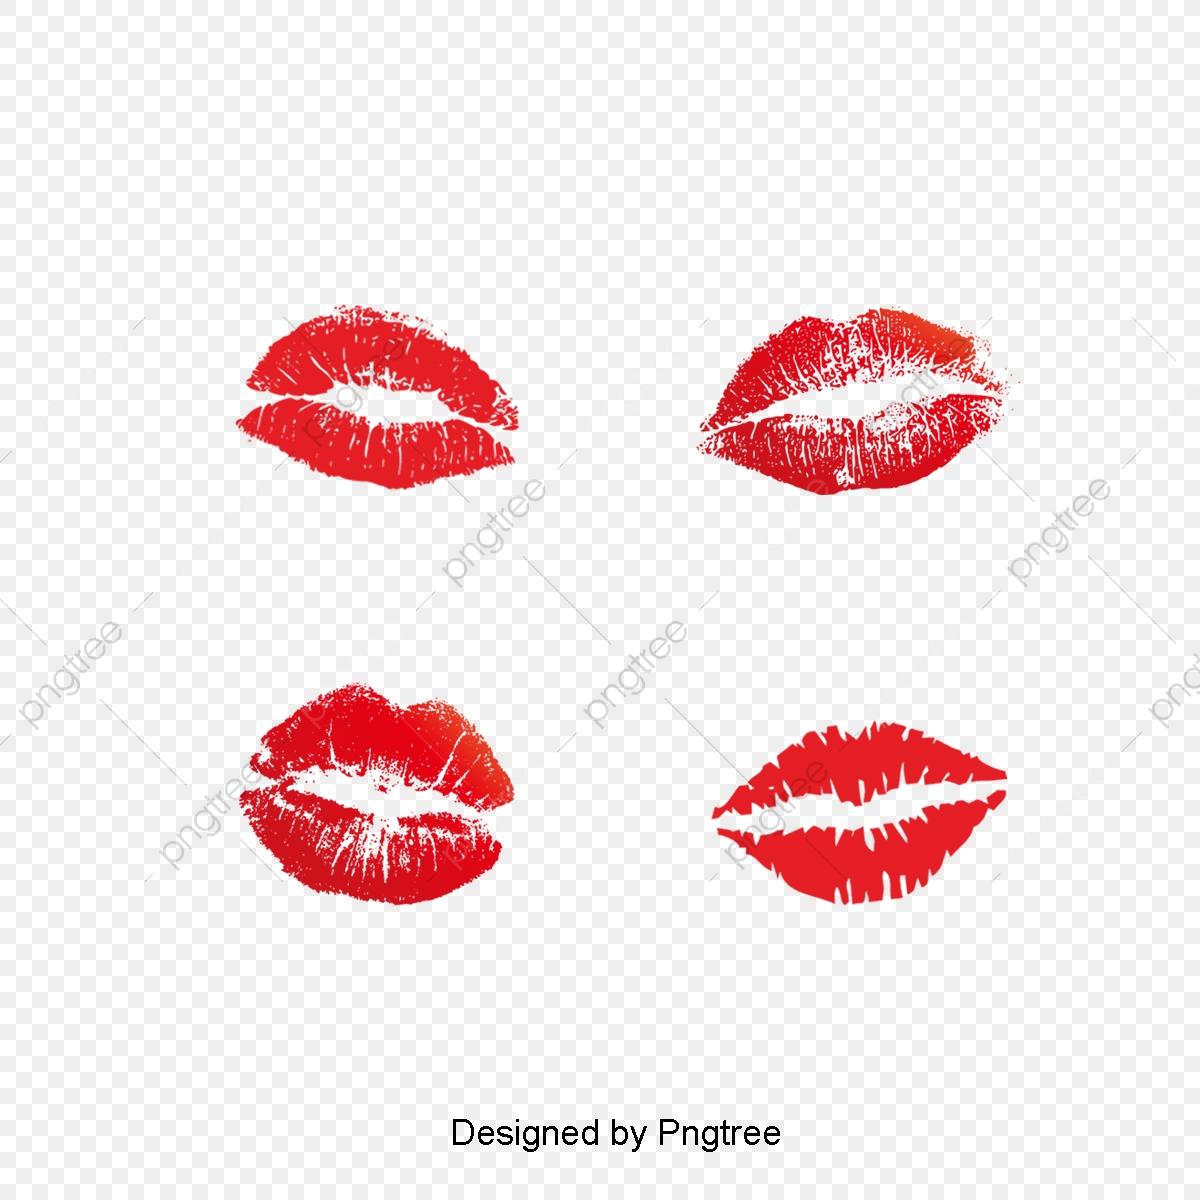 Lip clipart simple lip. Red lipstick print design